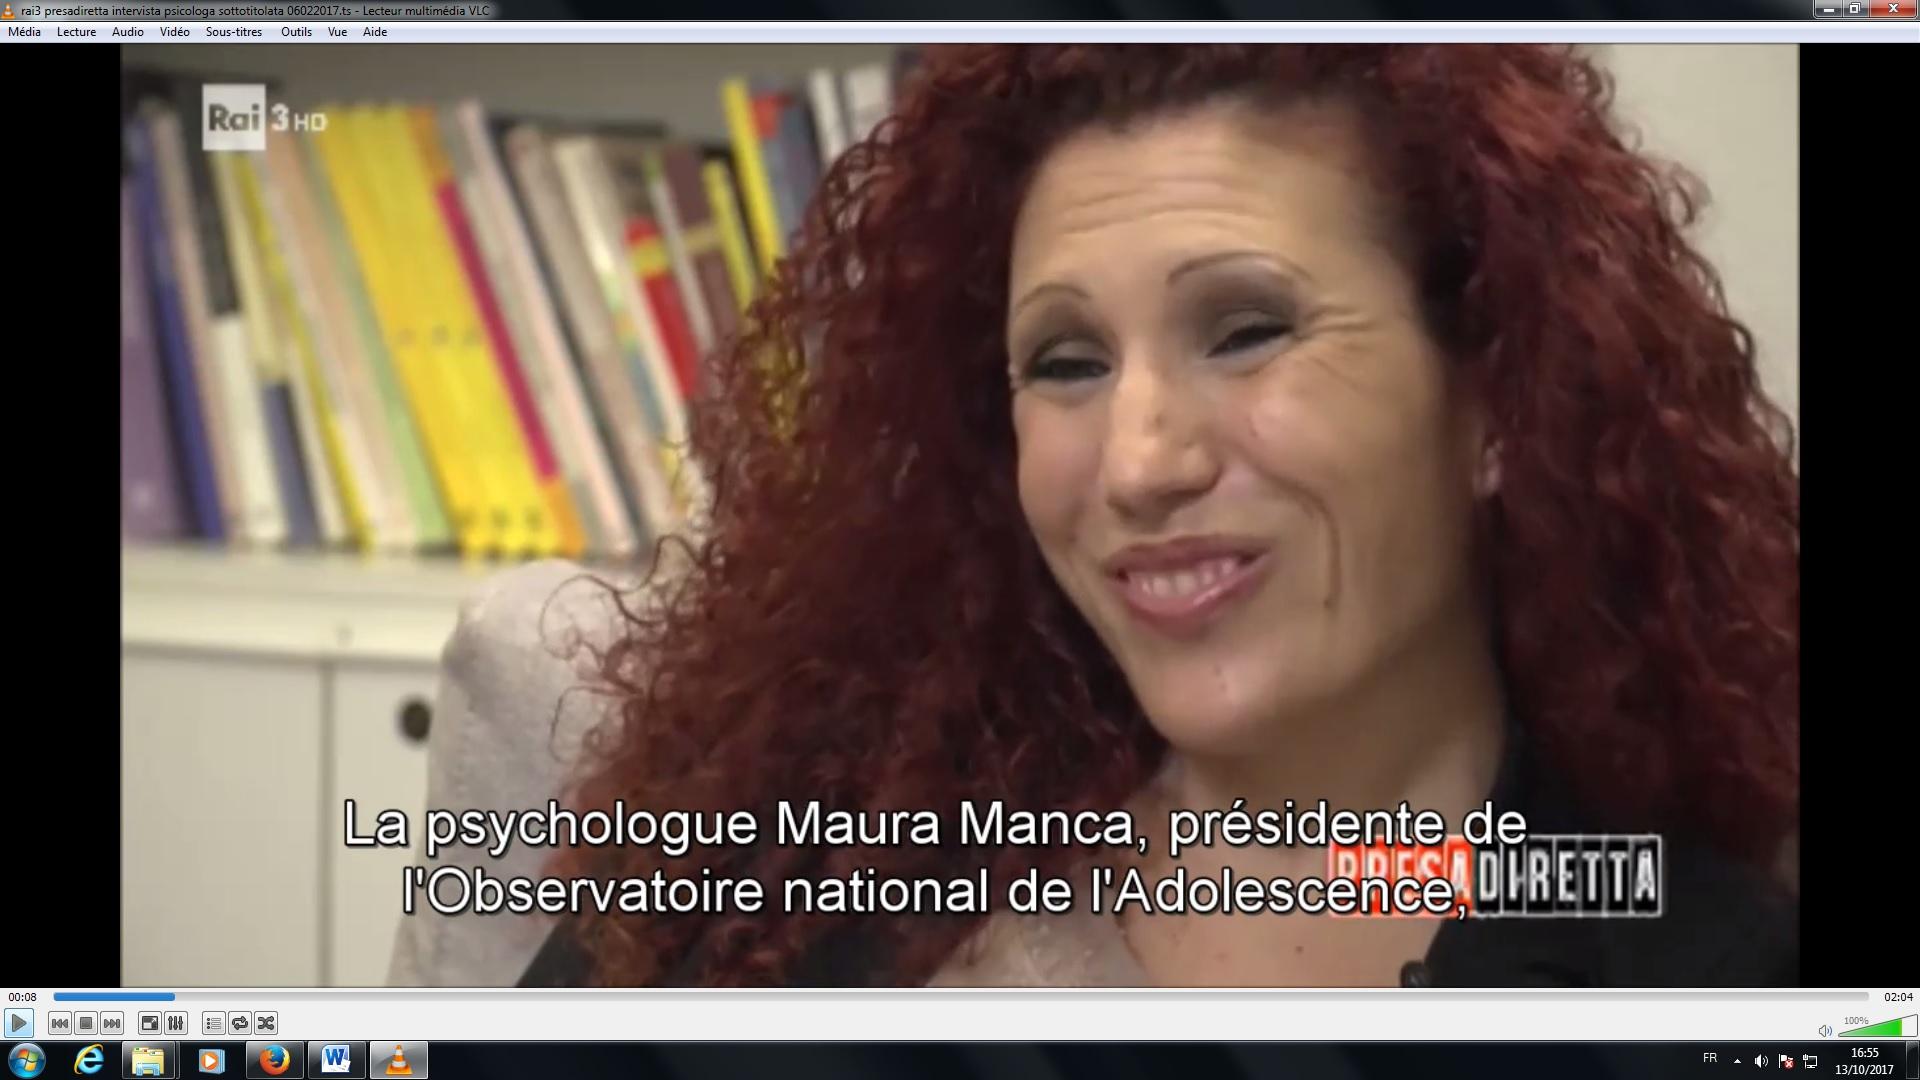 sous-titrage italien français reportage émission rai3 presa diretta 06022017 traducteur interprète italien français Les mots de Gianni UCA Clermont Auvergne